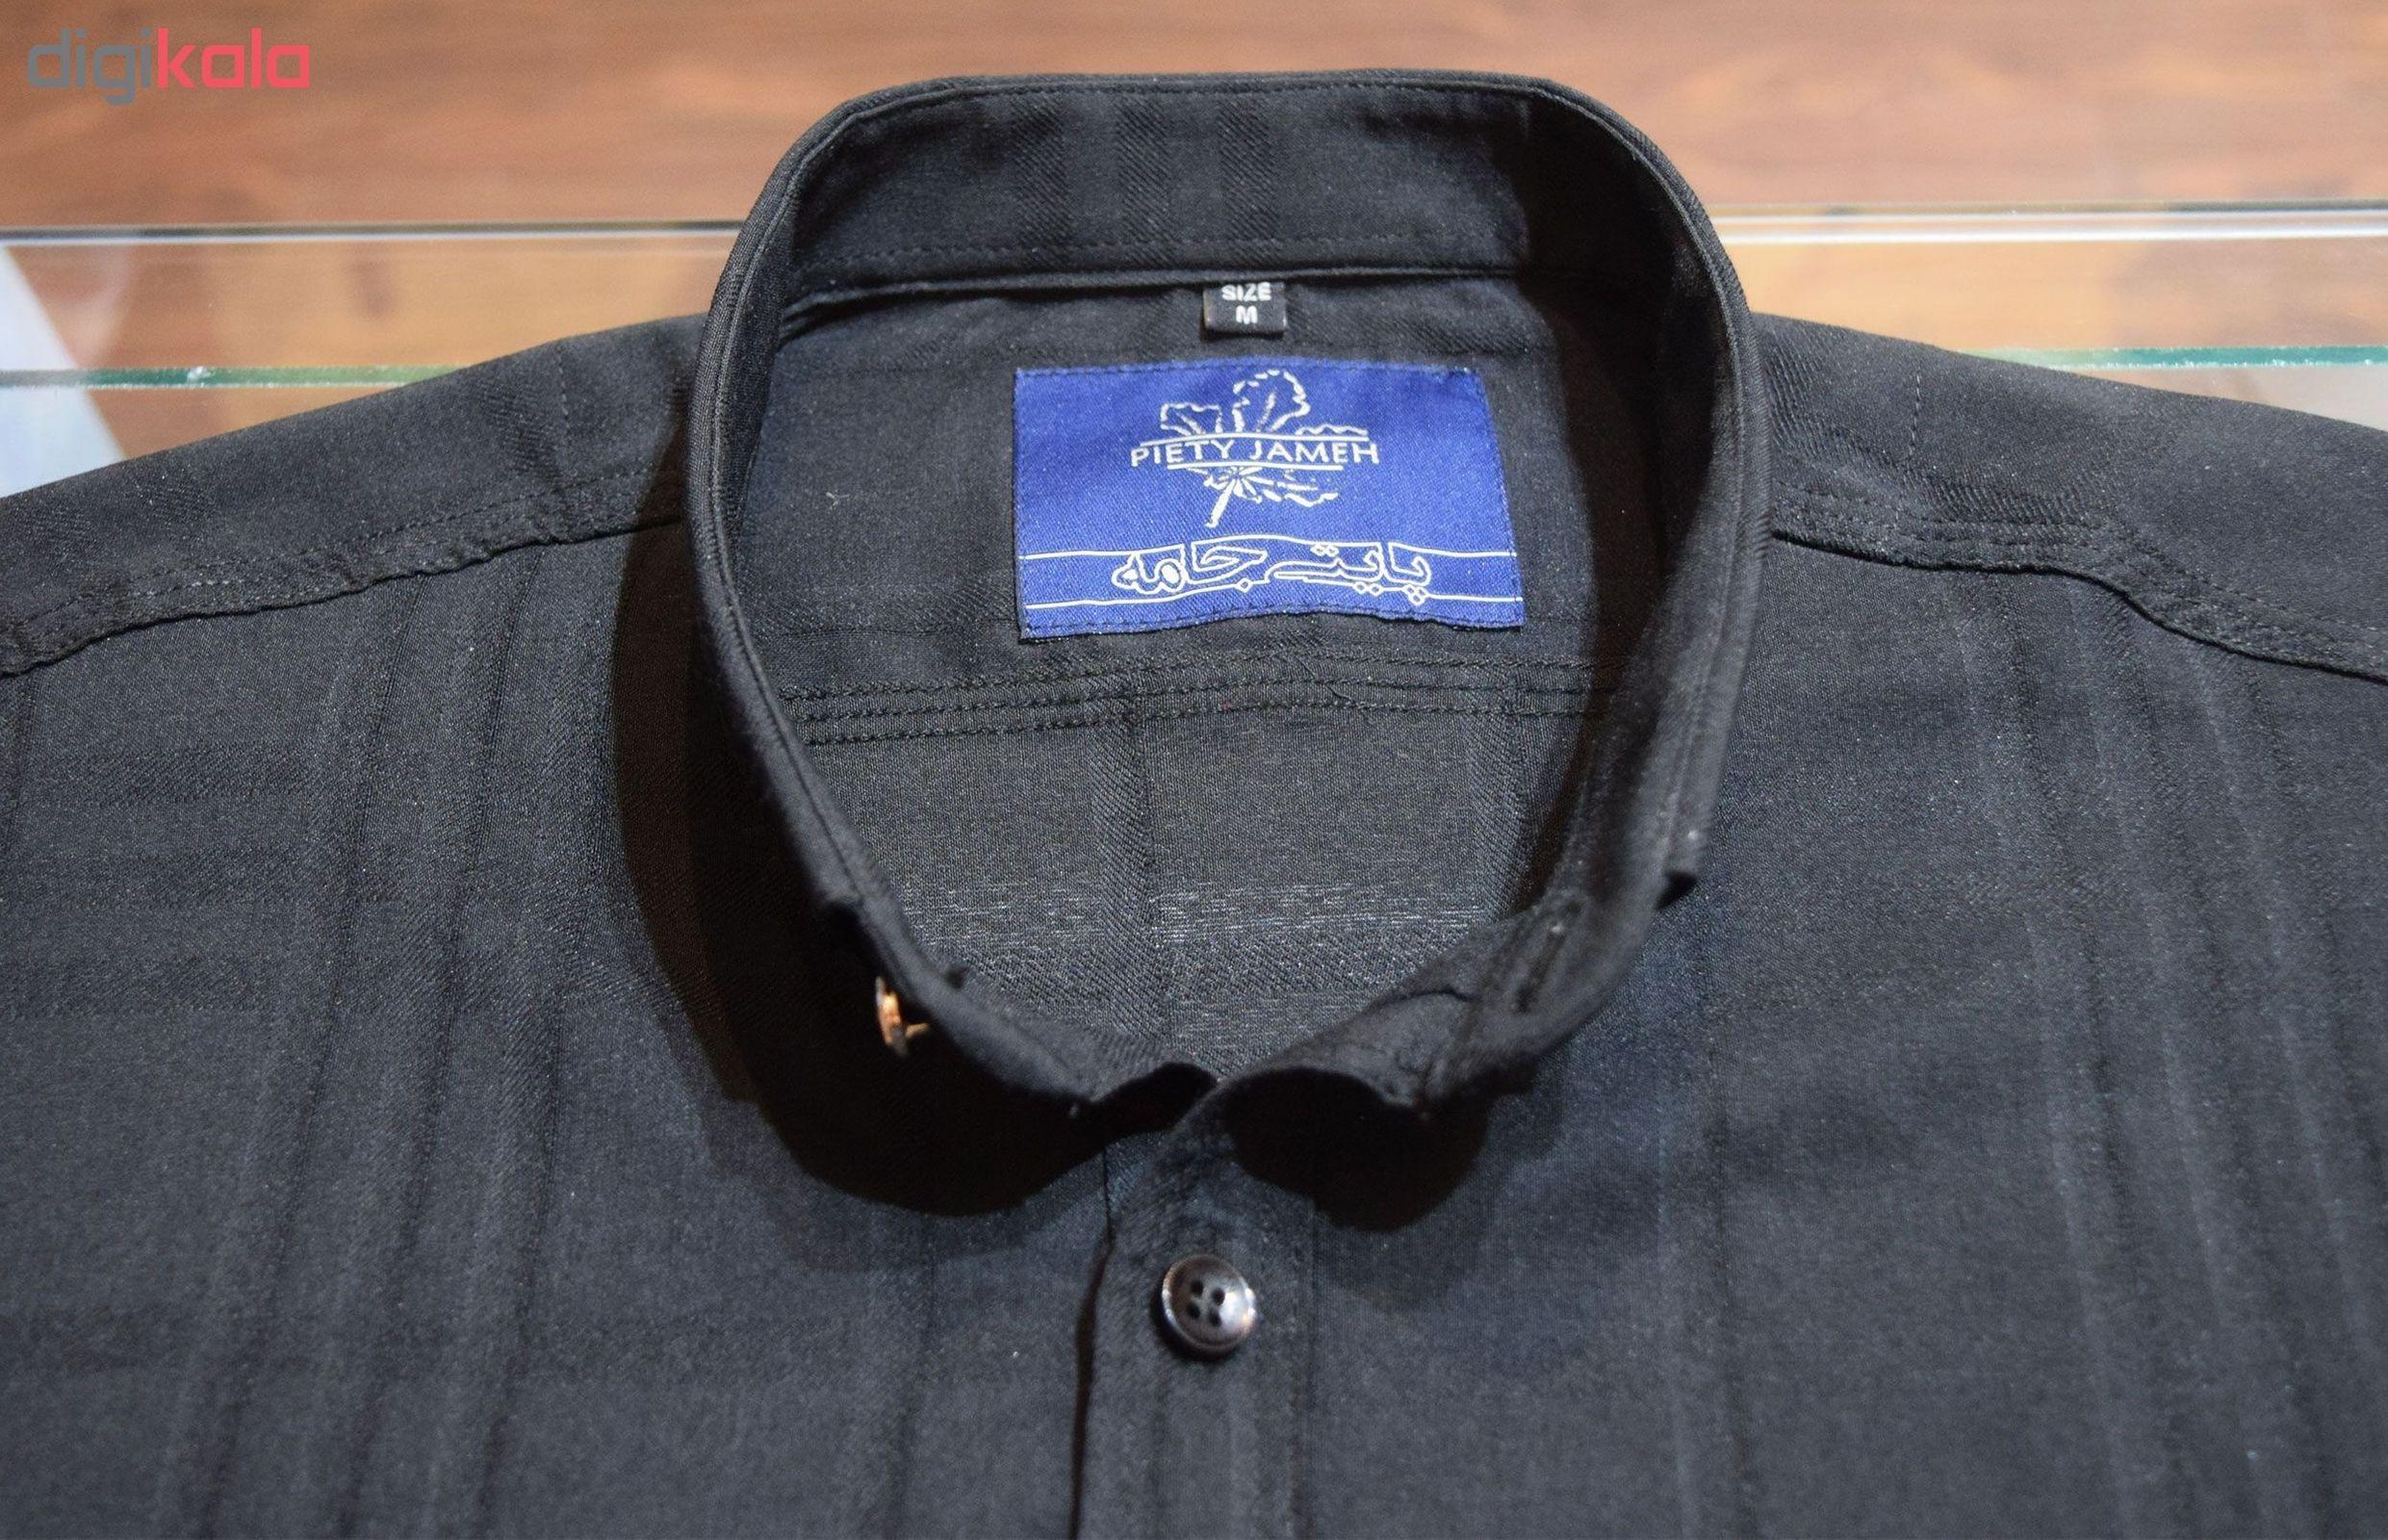 پیراهن مردانه پایتی جامه کد 1944489 main 1 6